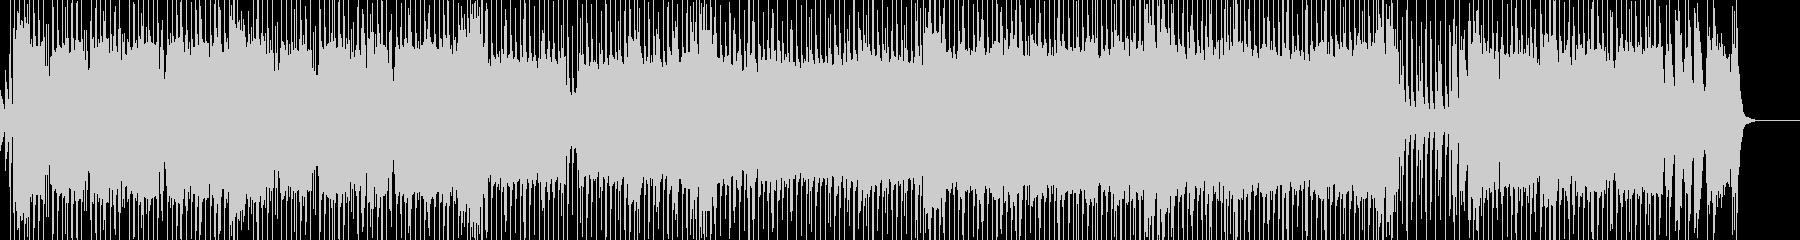 ブルージーなロックンロールスタイル...の未再生の波形